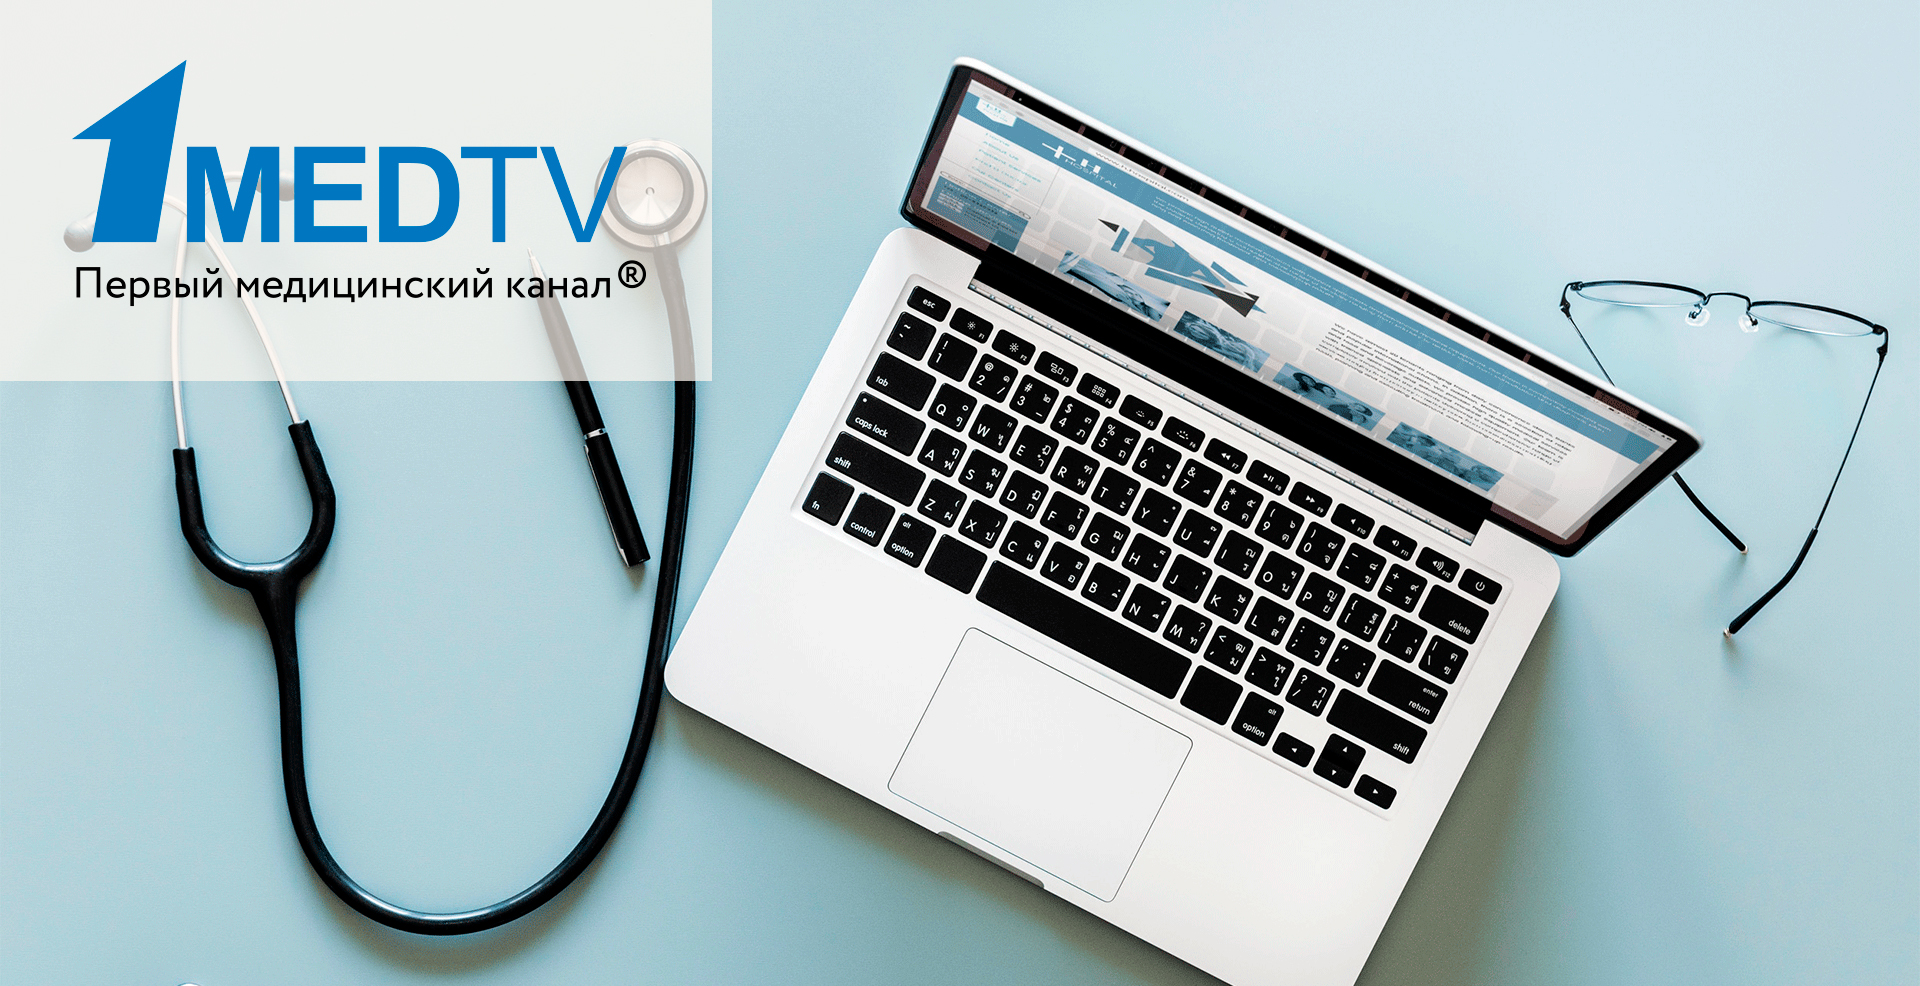 Передачи на Первом медицинском канале